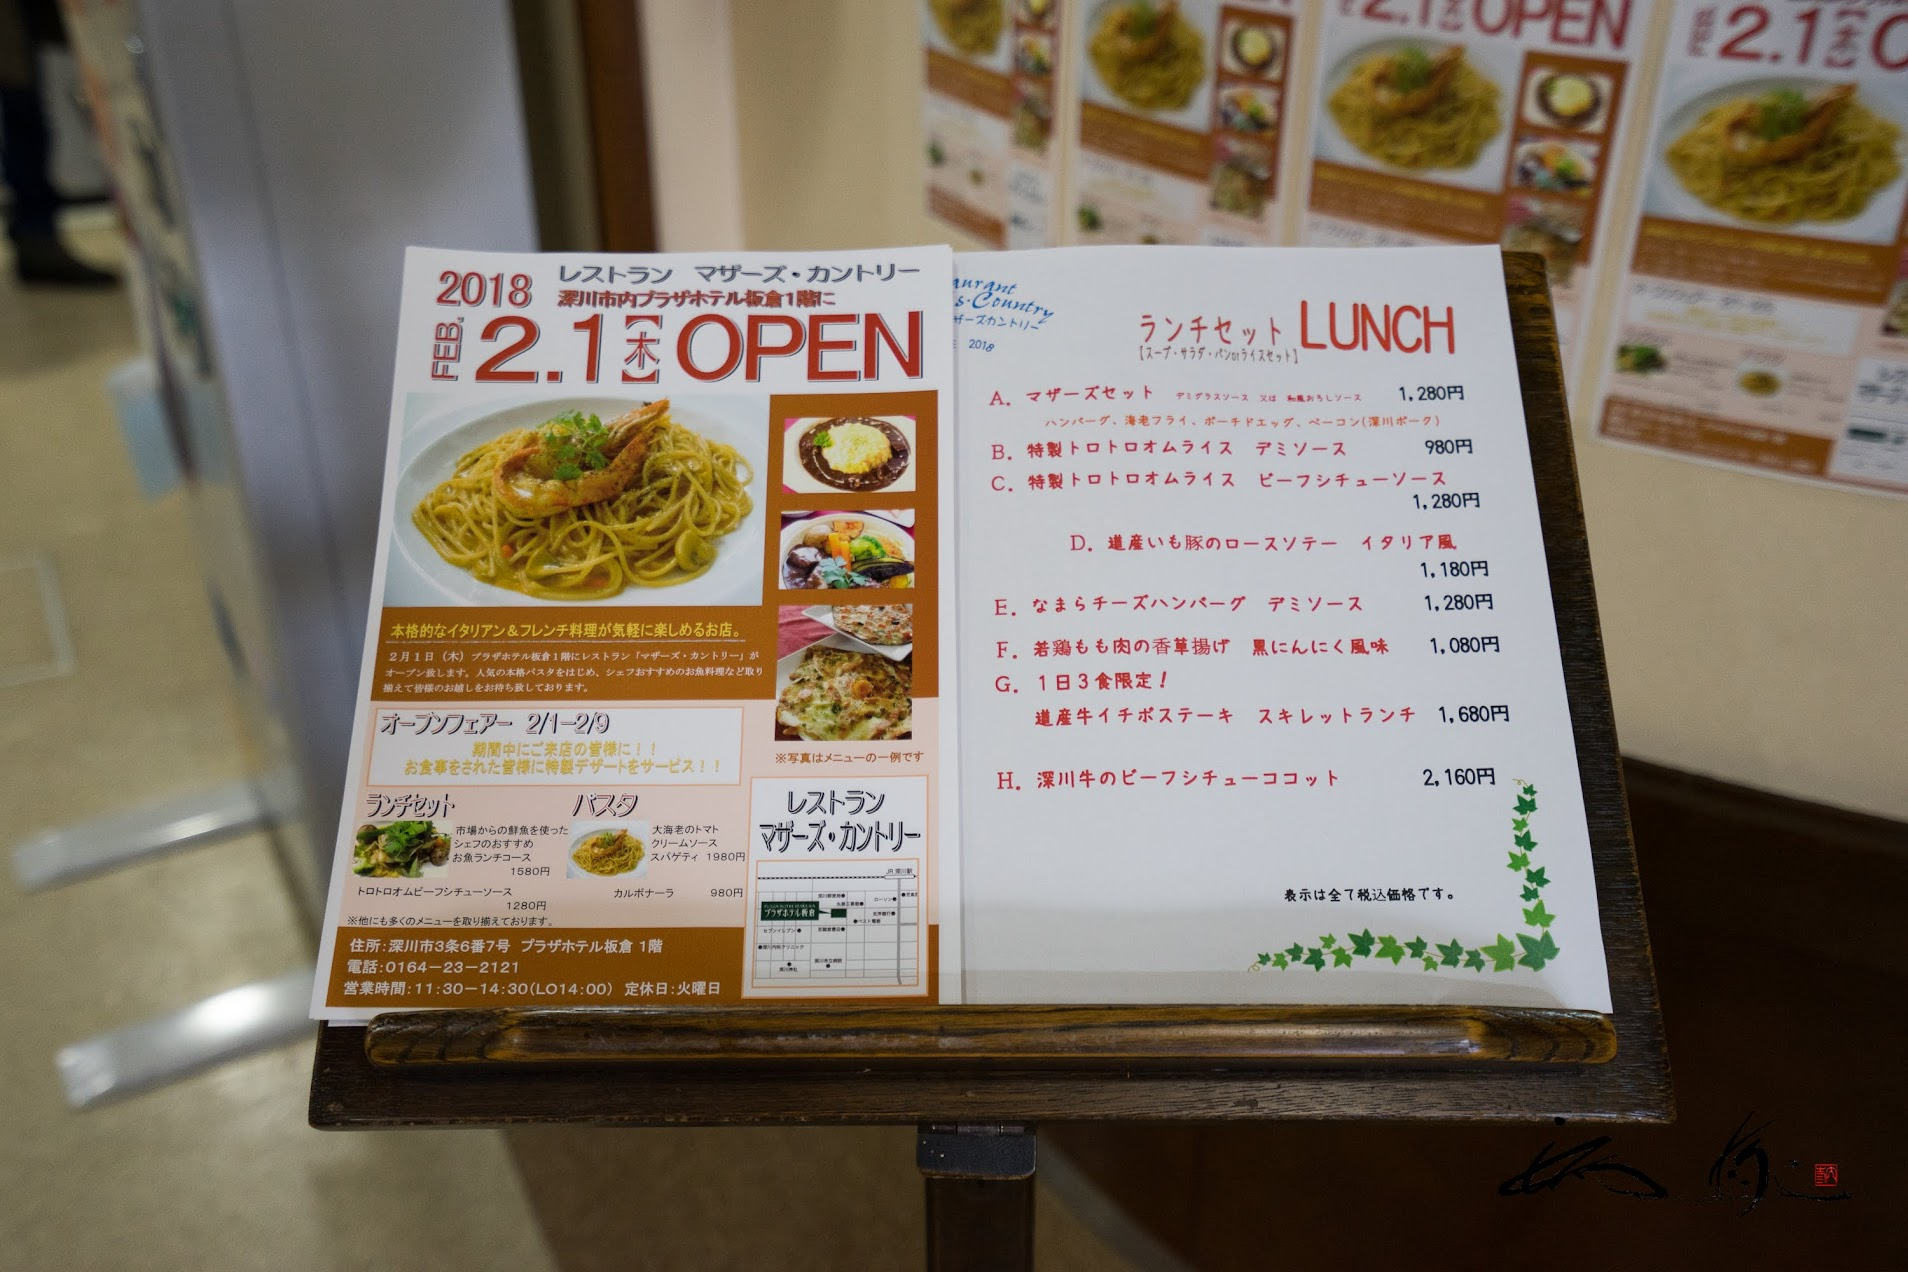 「レストラン マザーズ・カントリー」2・1オープン